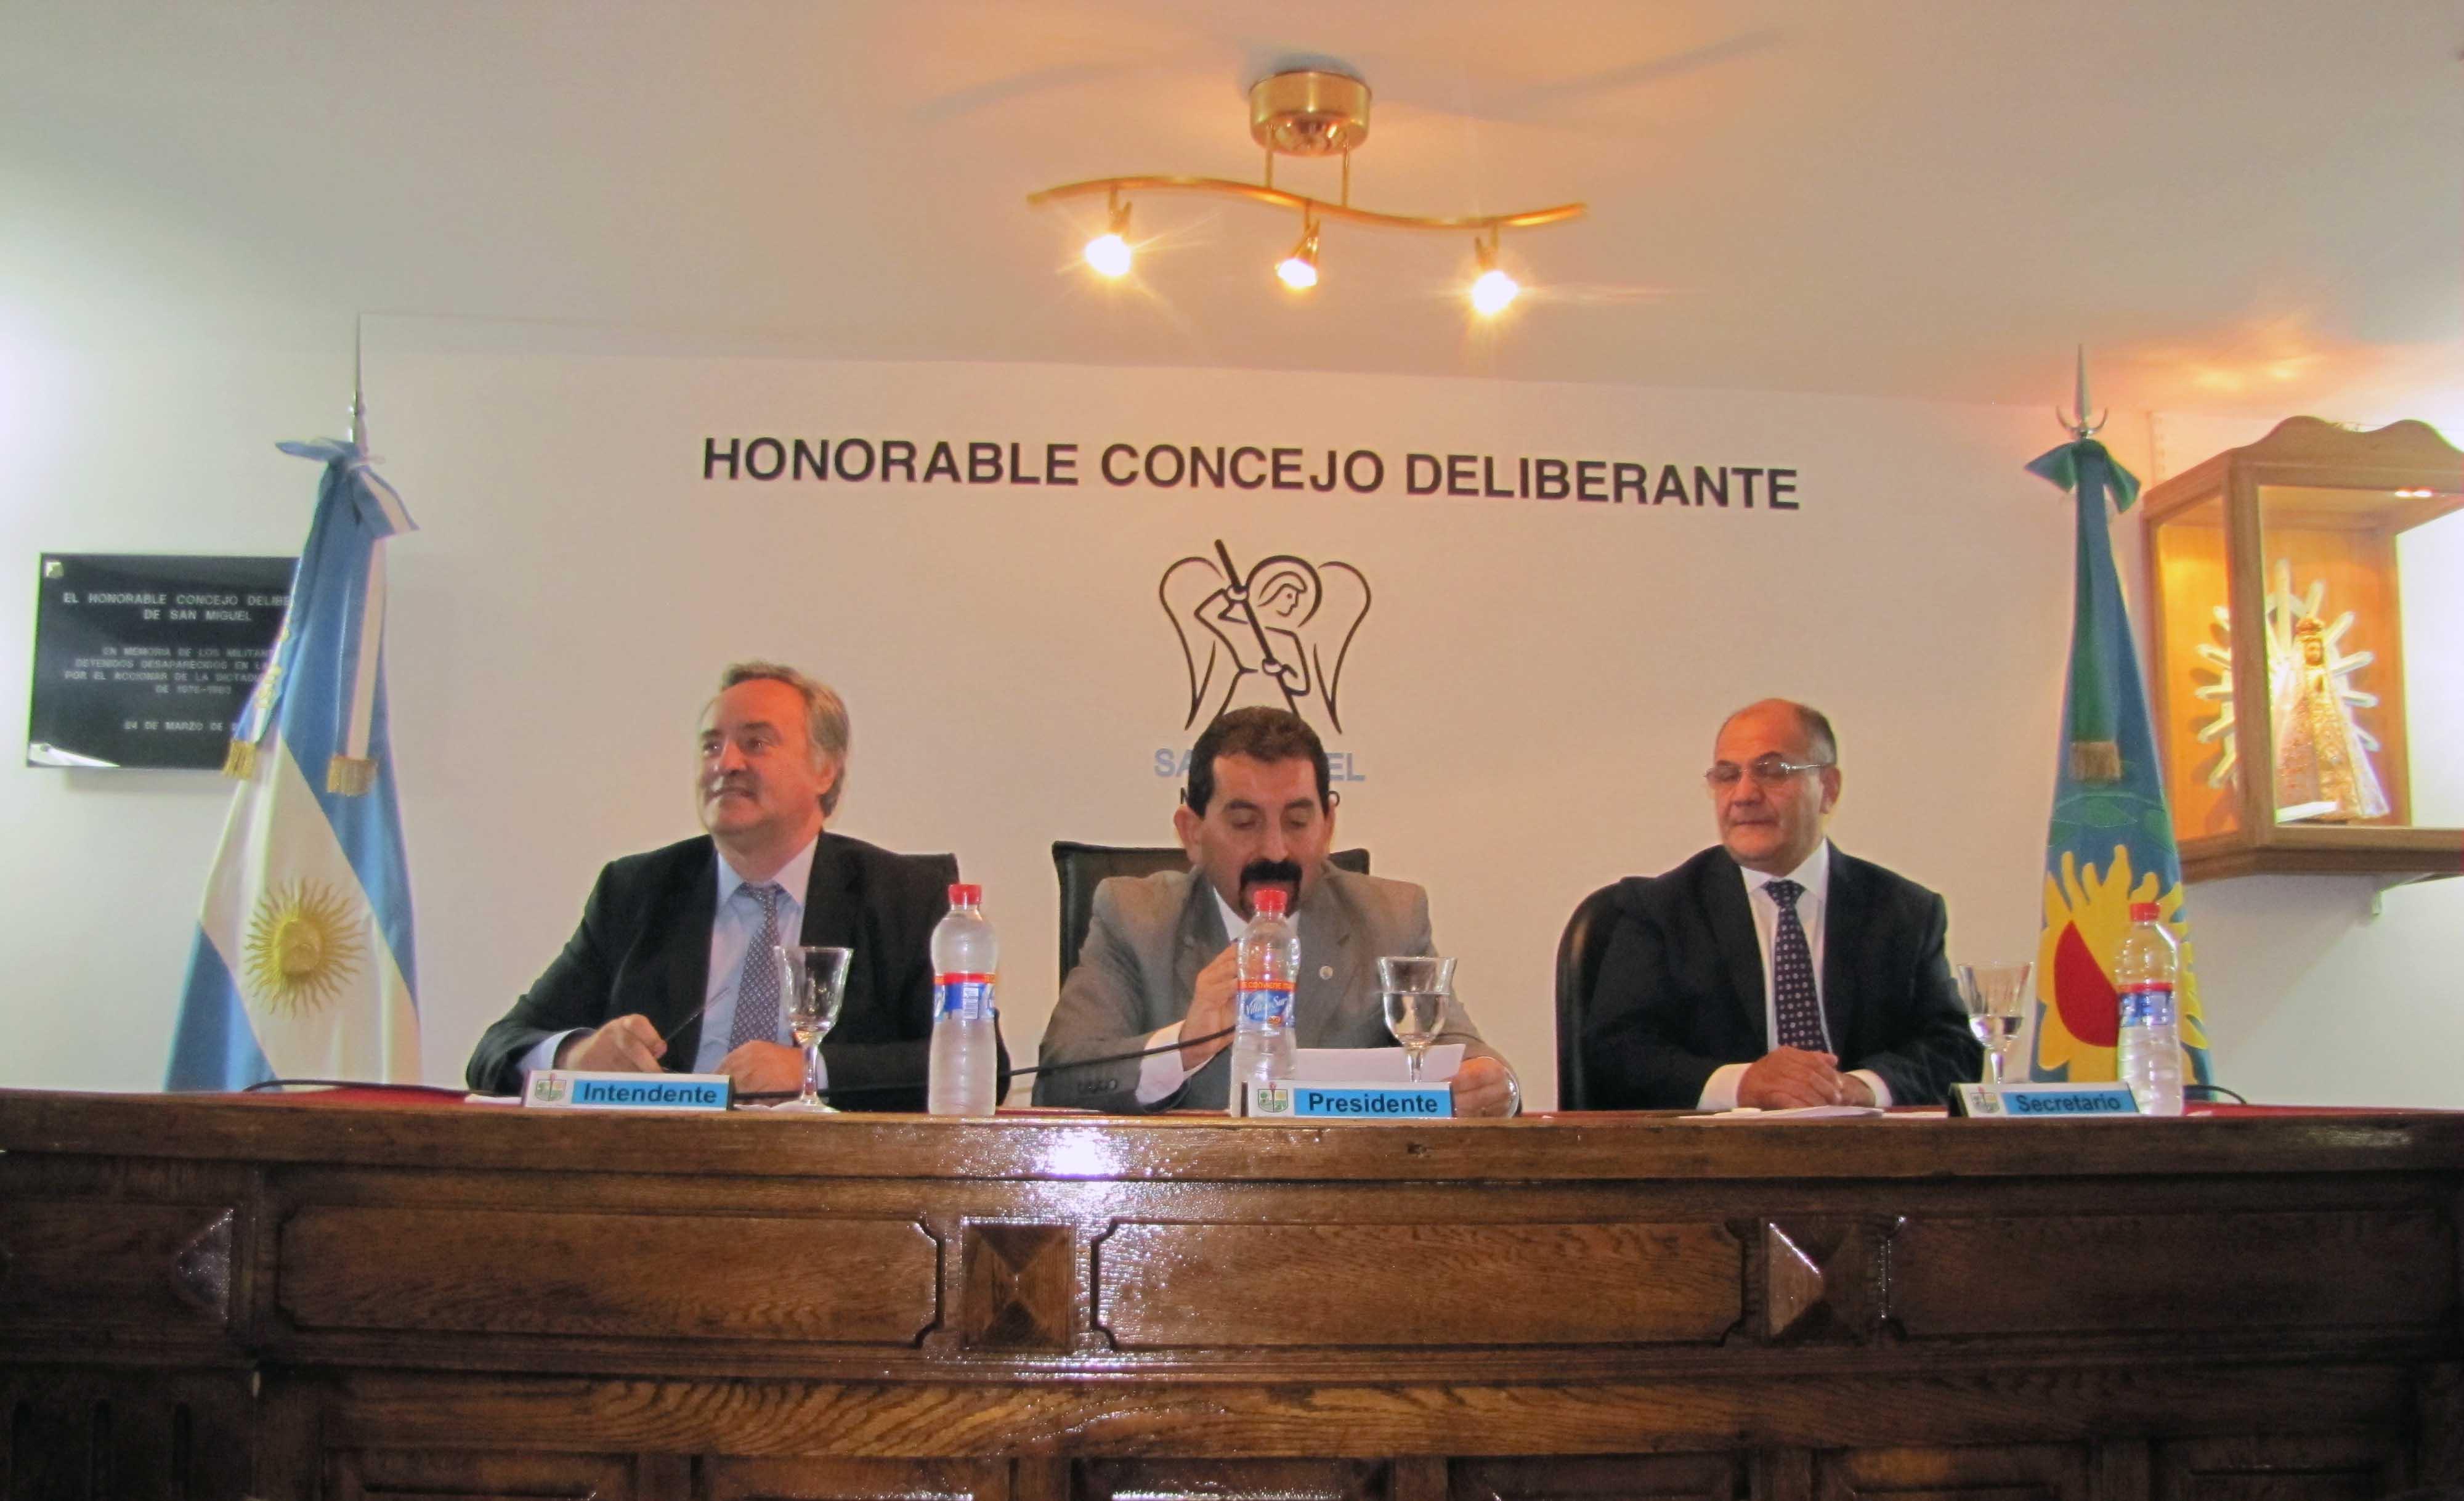 Con eje en Seguridad, Salud, Educación y Obras Públicas, Joaquín De la Torre inauguró las sesiones en el Concejo Deliberante de San Miguel